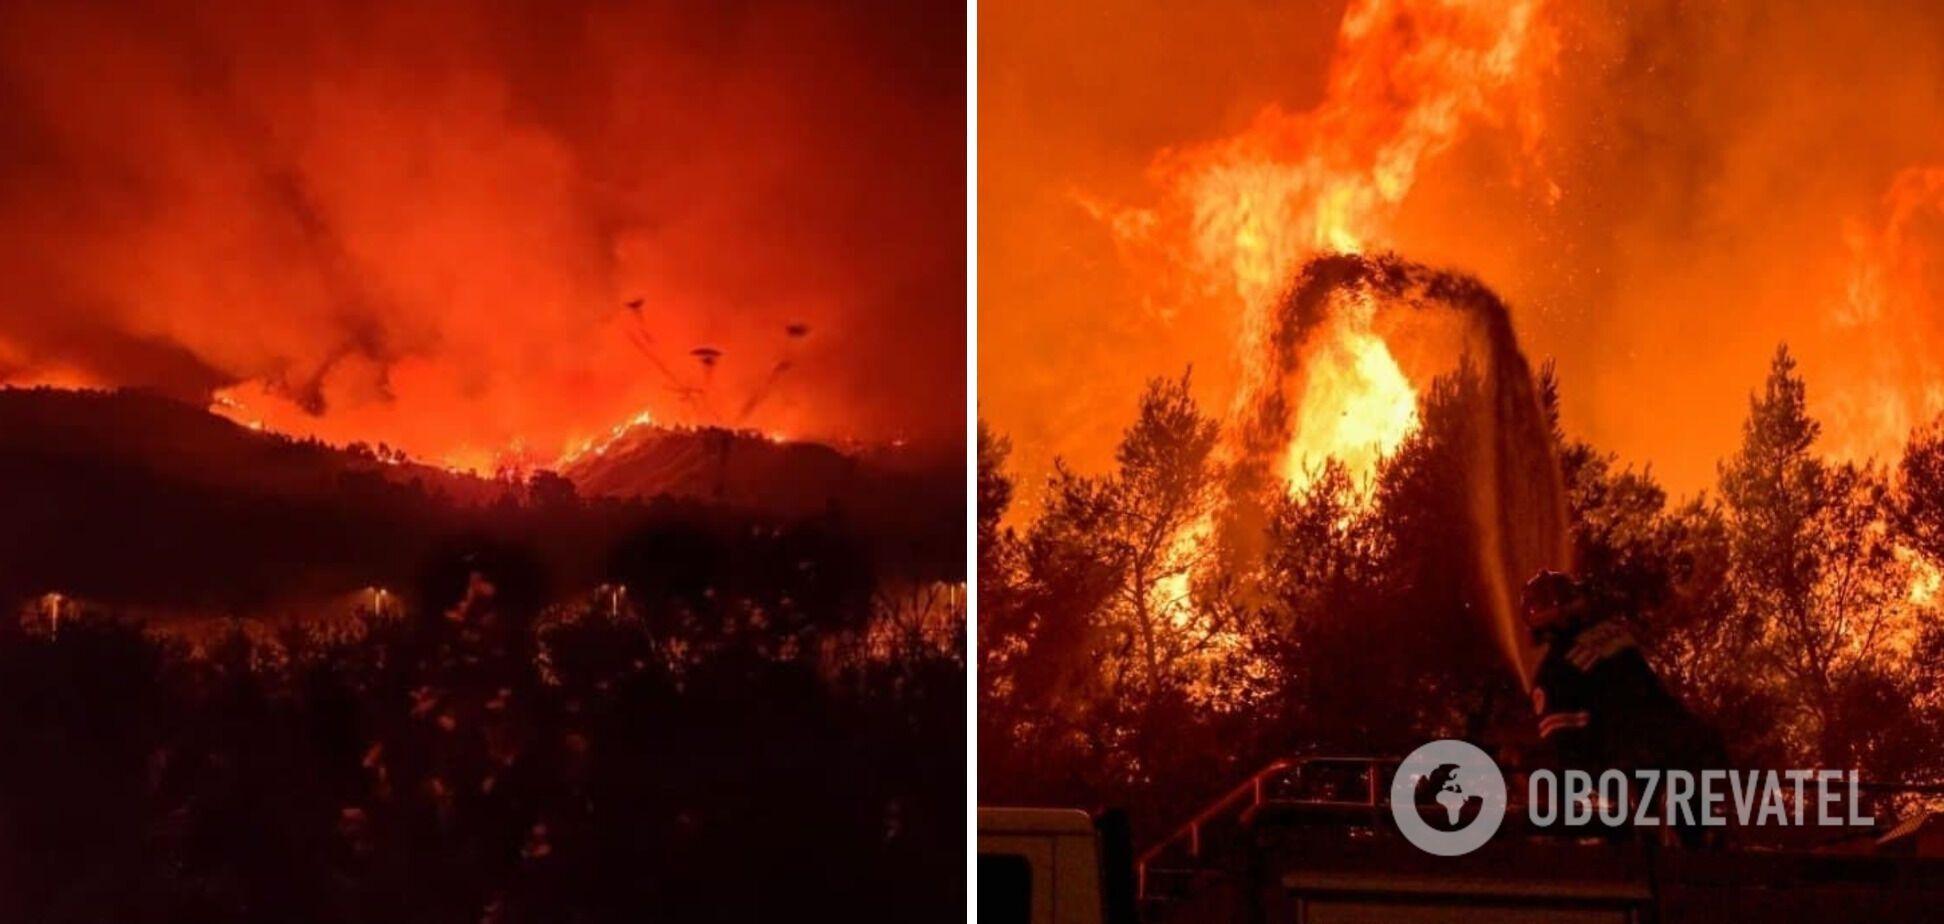 Вогонь забрав життя двох людей.